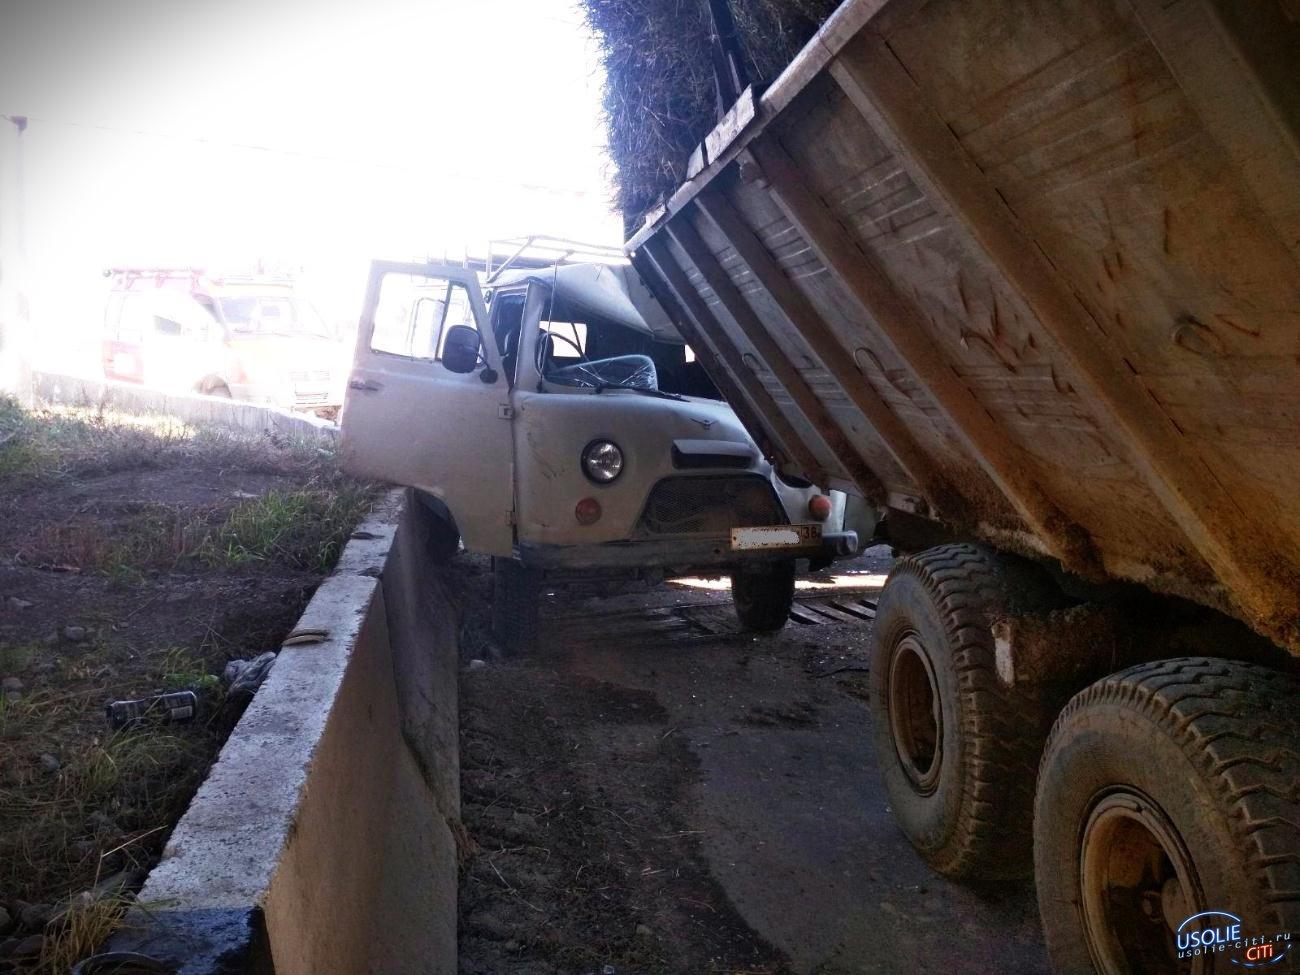 УАЗ и трактор: Неудачная встреча под мостом возле Усолья